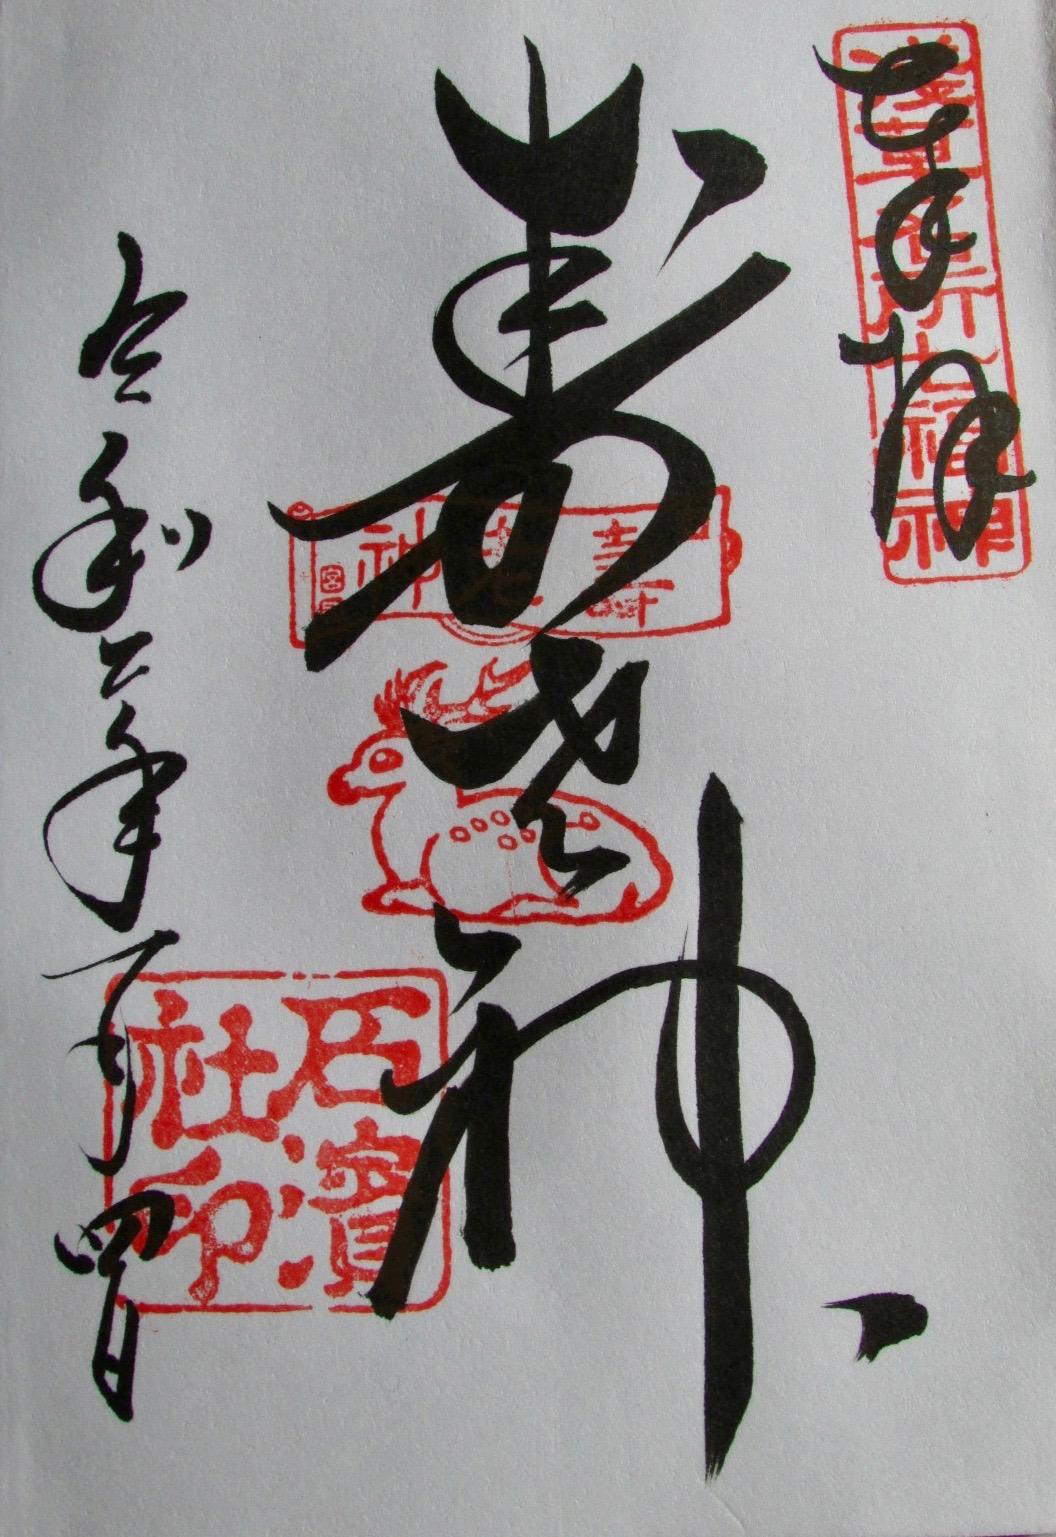 f:id:hiro-jp:20200105103558j:plain